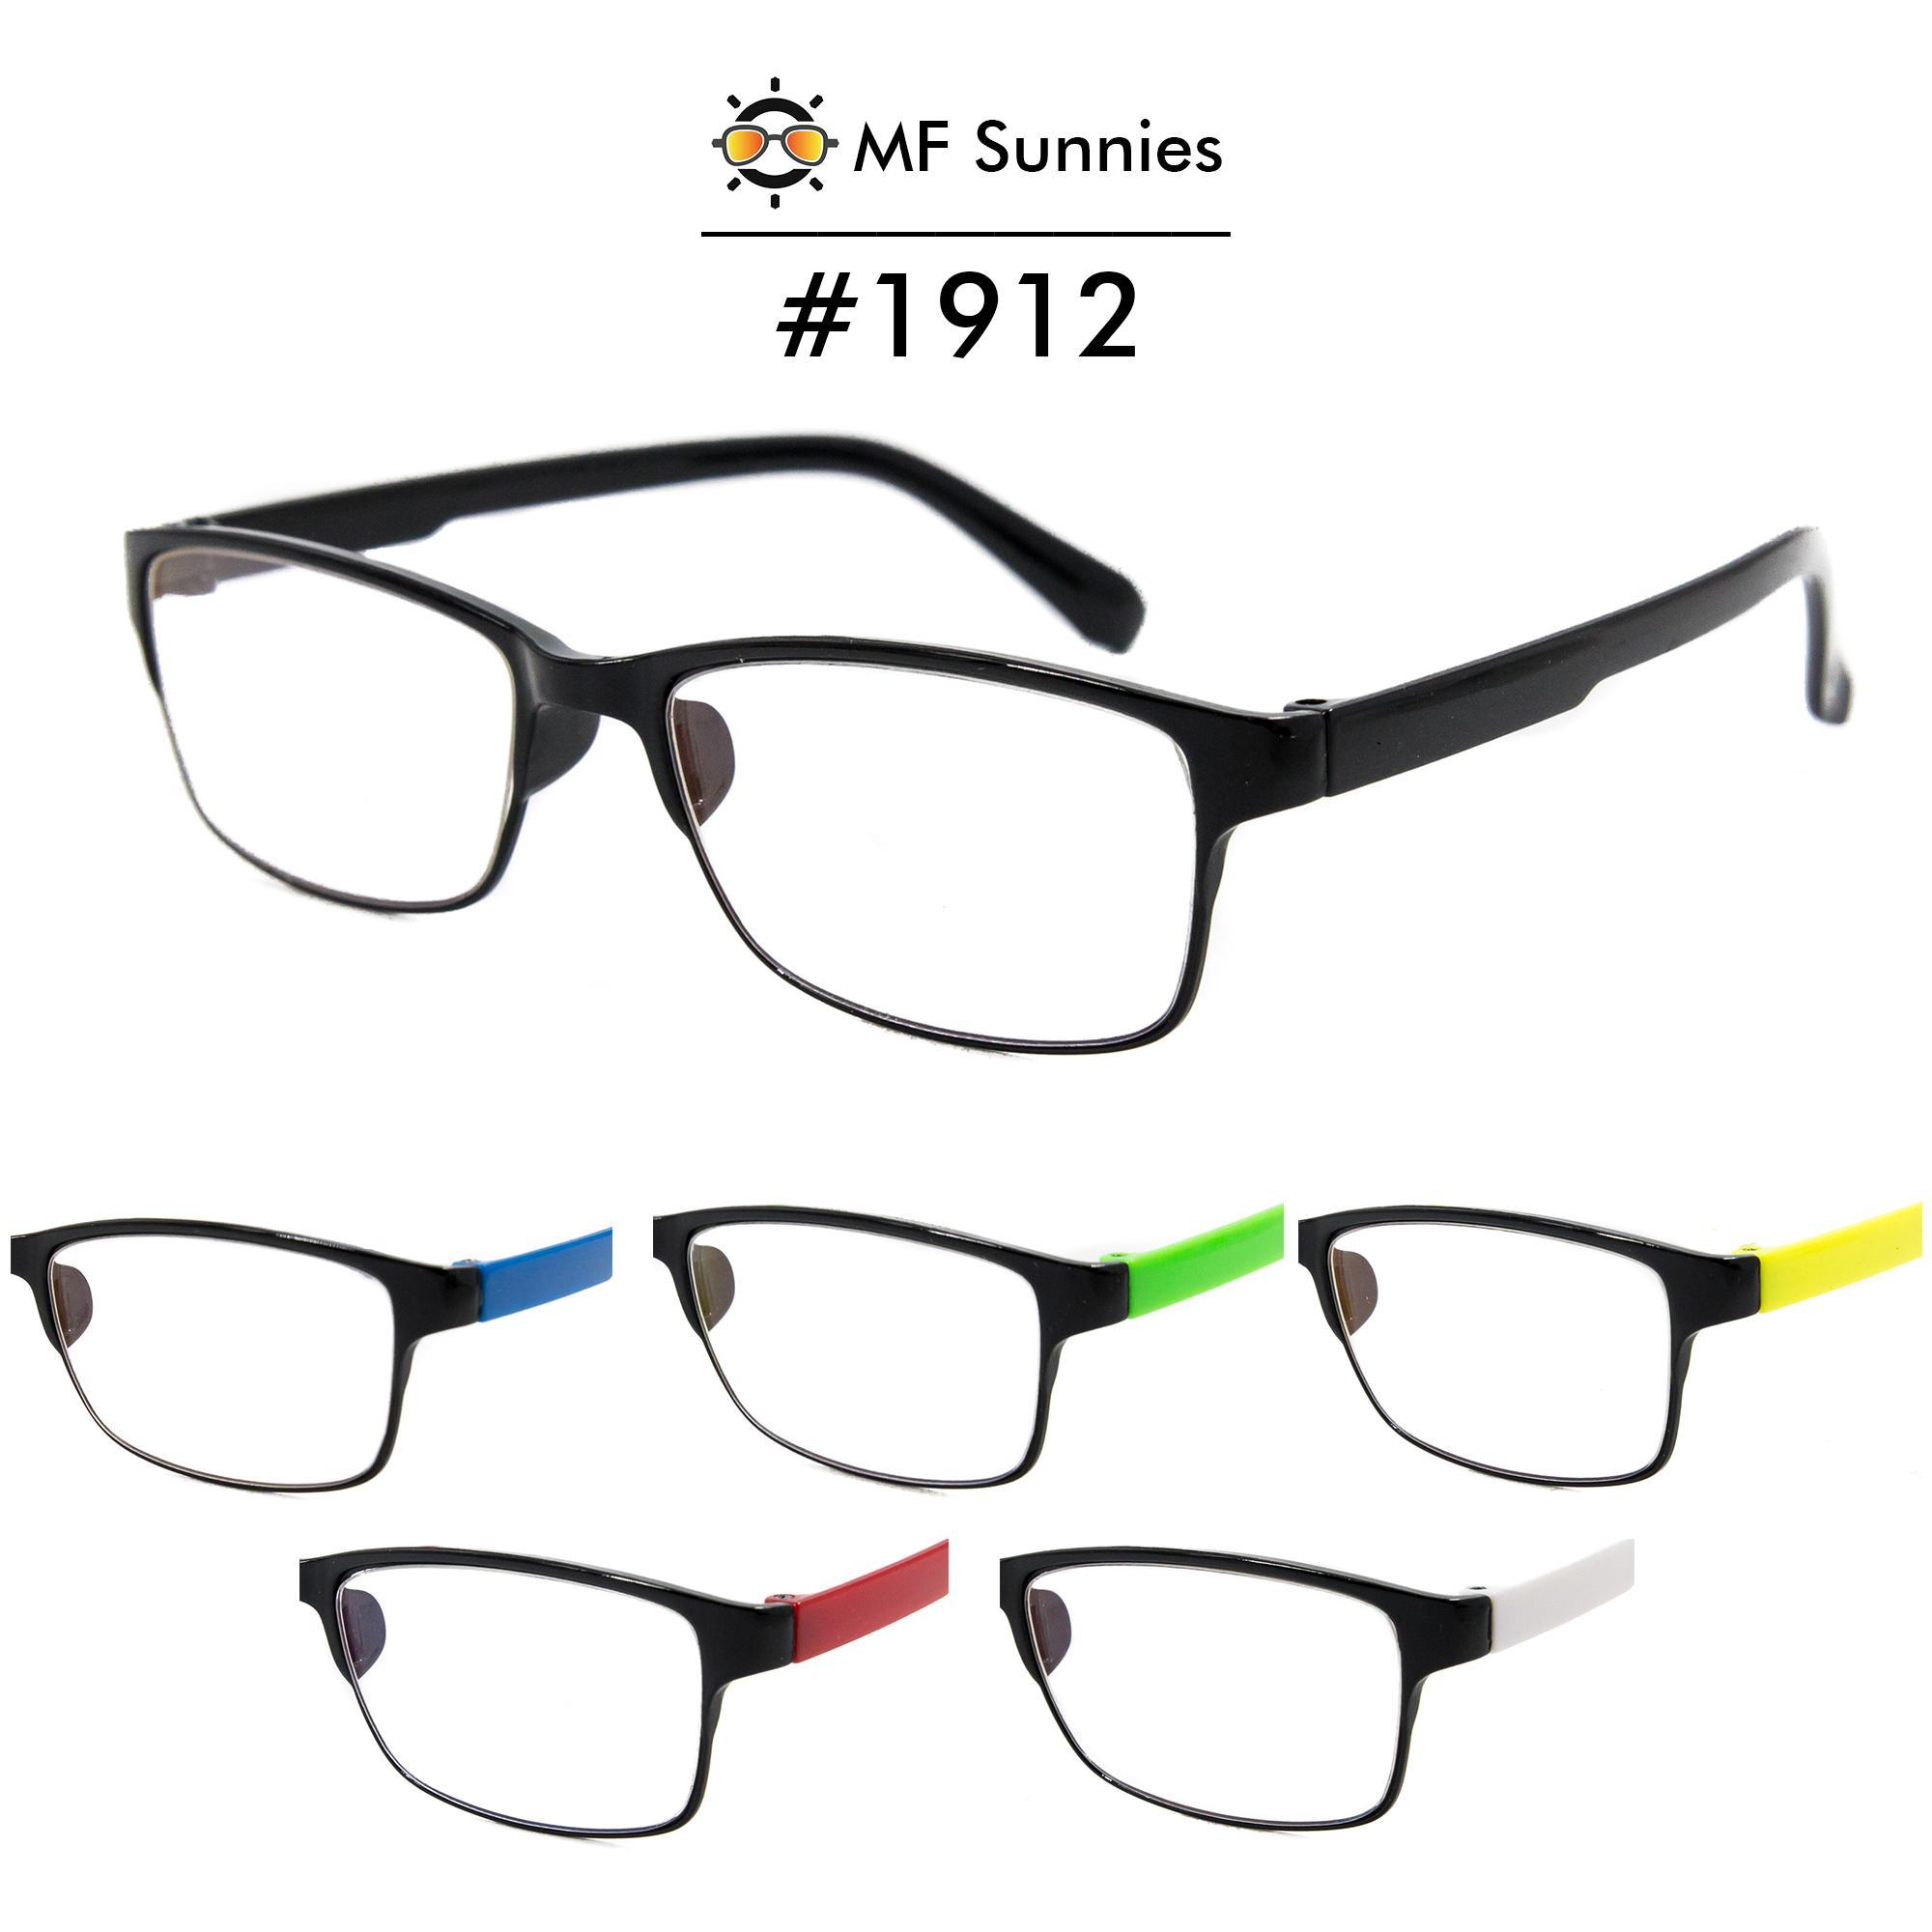 1c7f7fcddf87 MFSunnies Anti Radiation/Blue Light Retro Full Acetate Frame Optical Eyewear  #1912